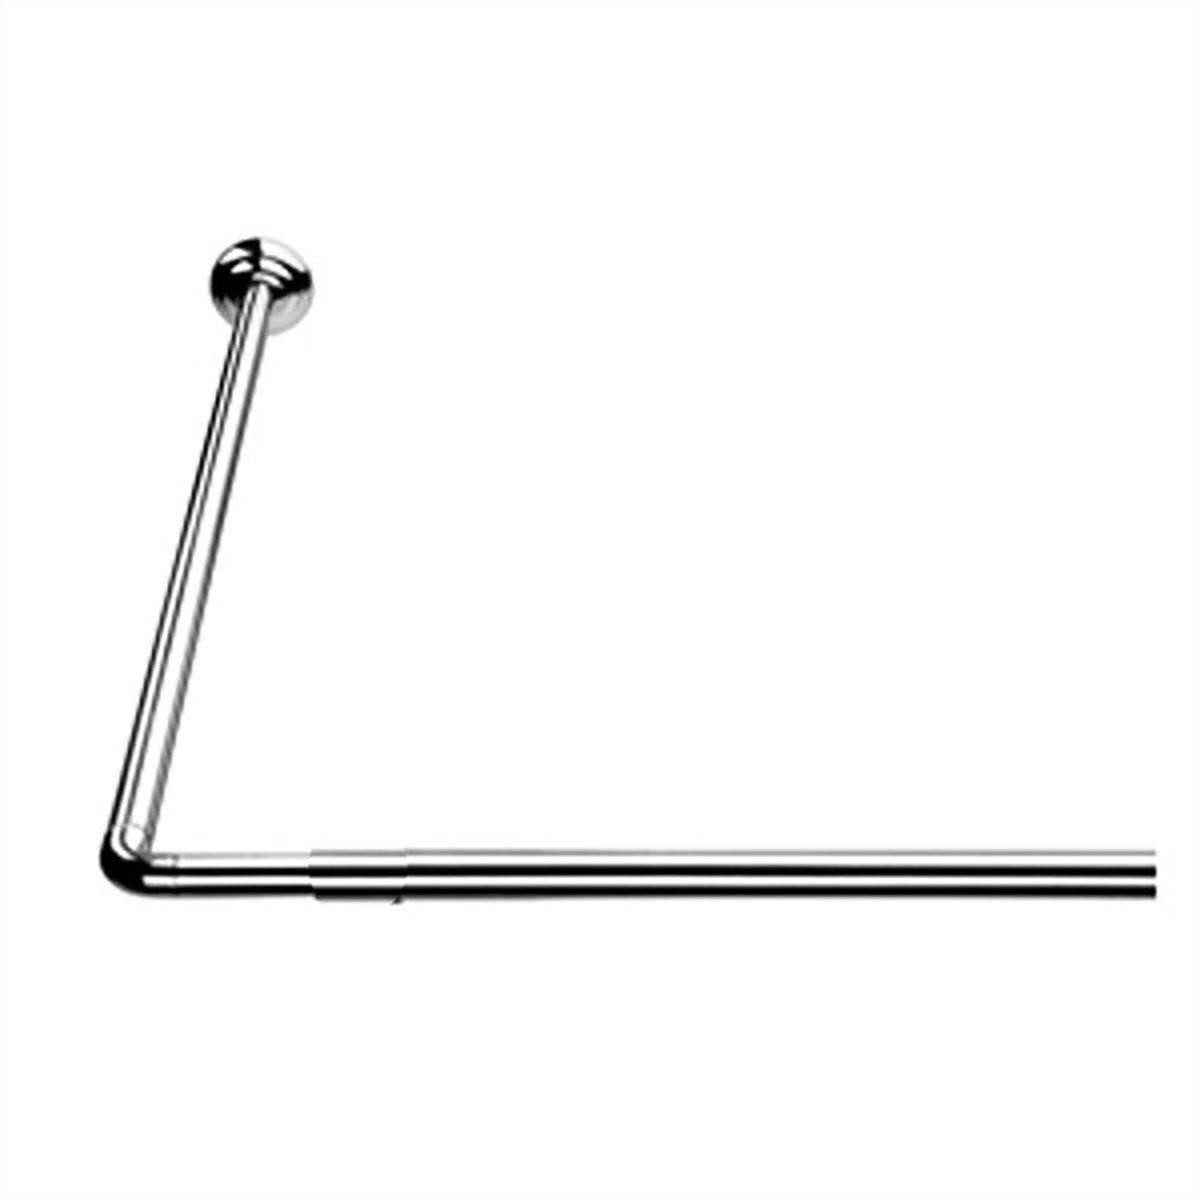 Βραχίονας Μπάνιου Γωνιακός 90x90 Joy Bath Chrome